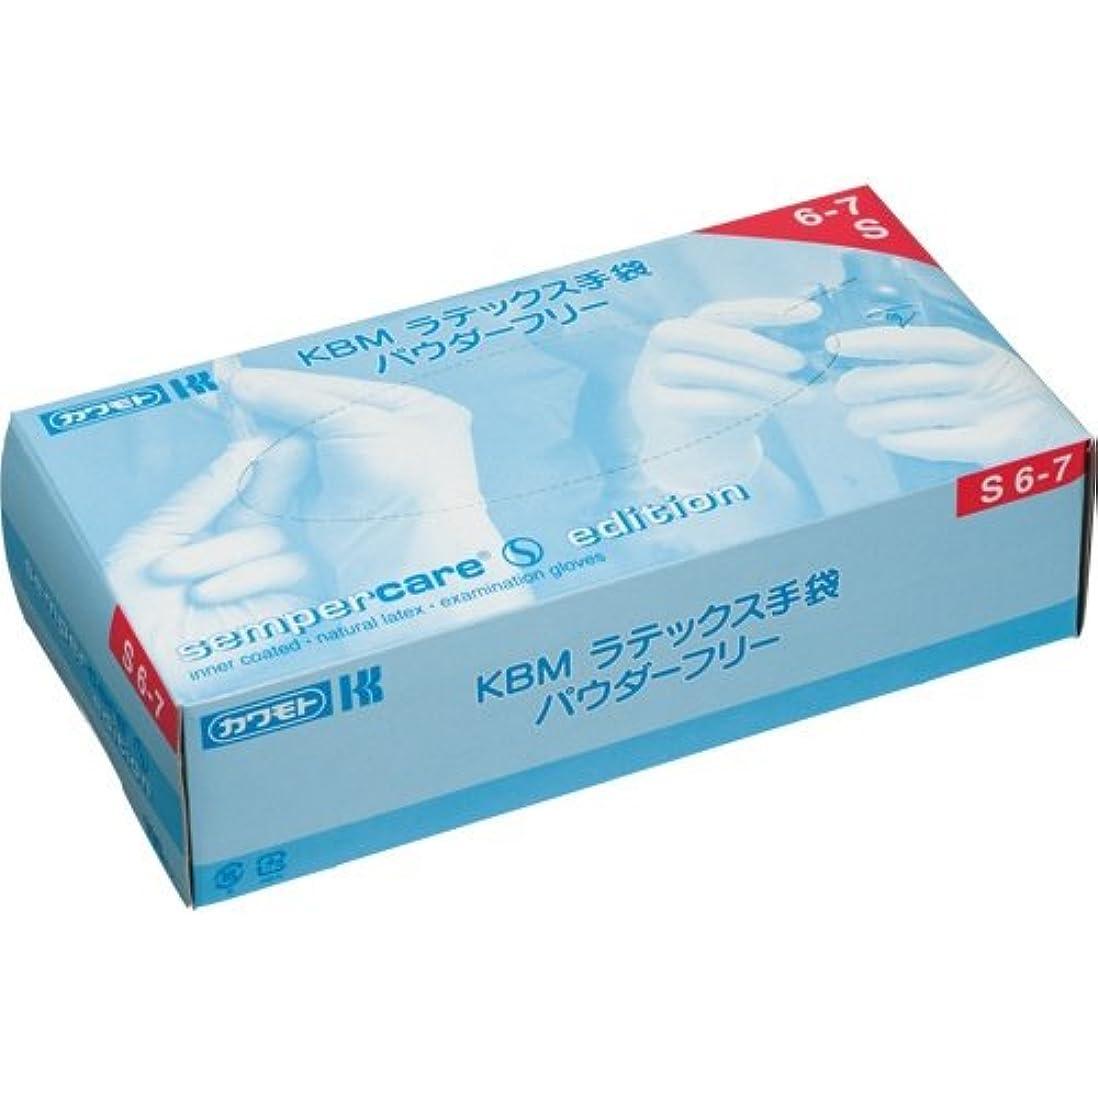 もつれ租界不完全カワモト KBM ラテックス手袋 パウダーフリー S 1セット(300枚:100枚×3箱)